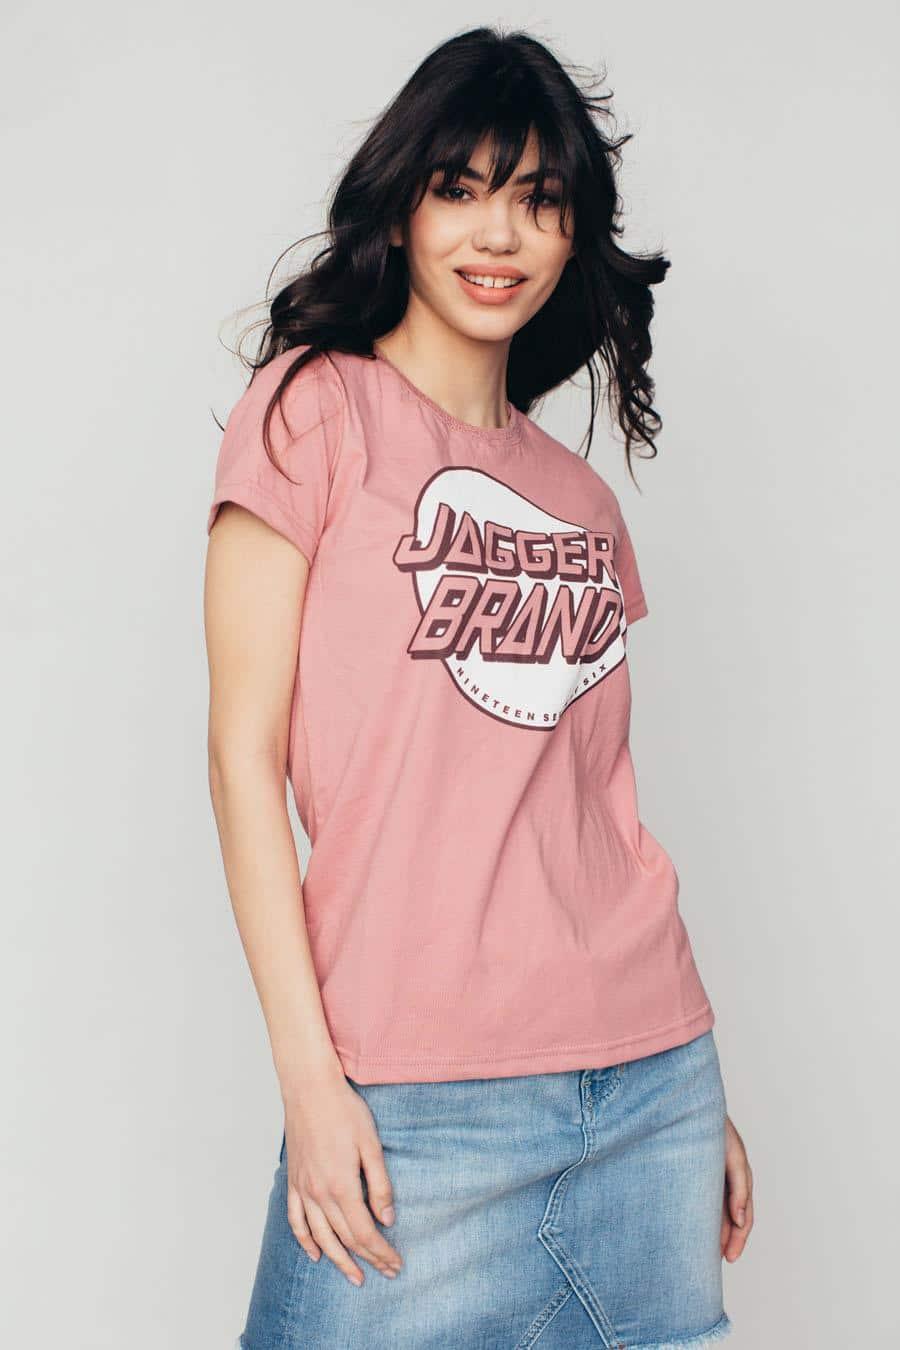 jagger zenska majica kolekcija prolece leto 2021 ss 2021 kupi online jg 8446 10 01